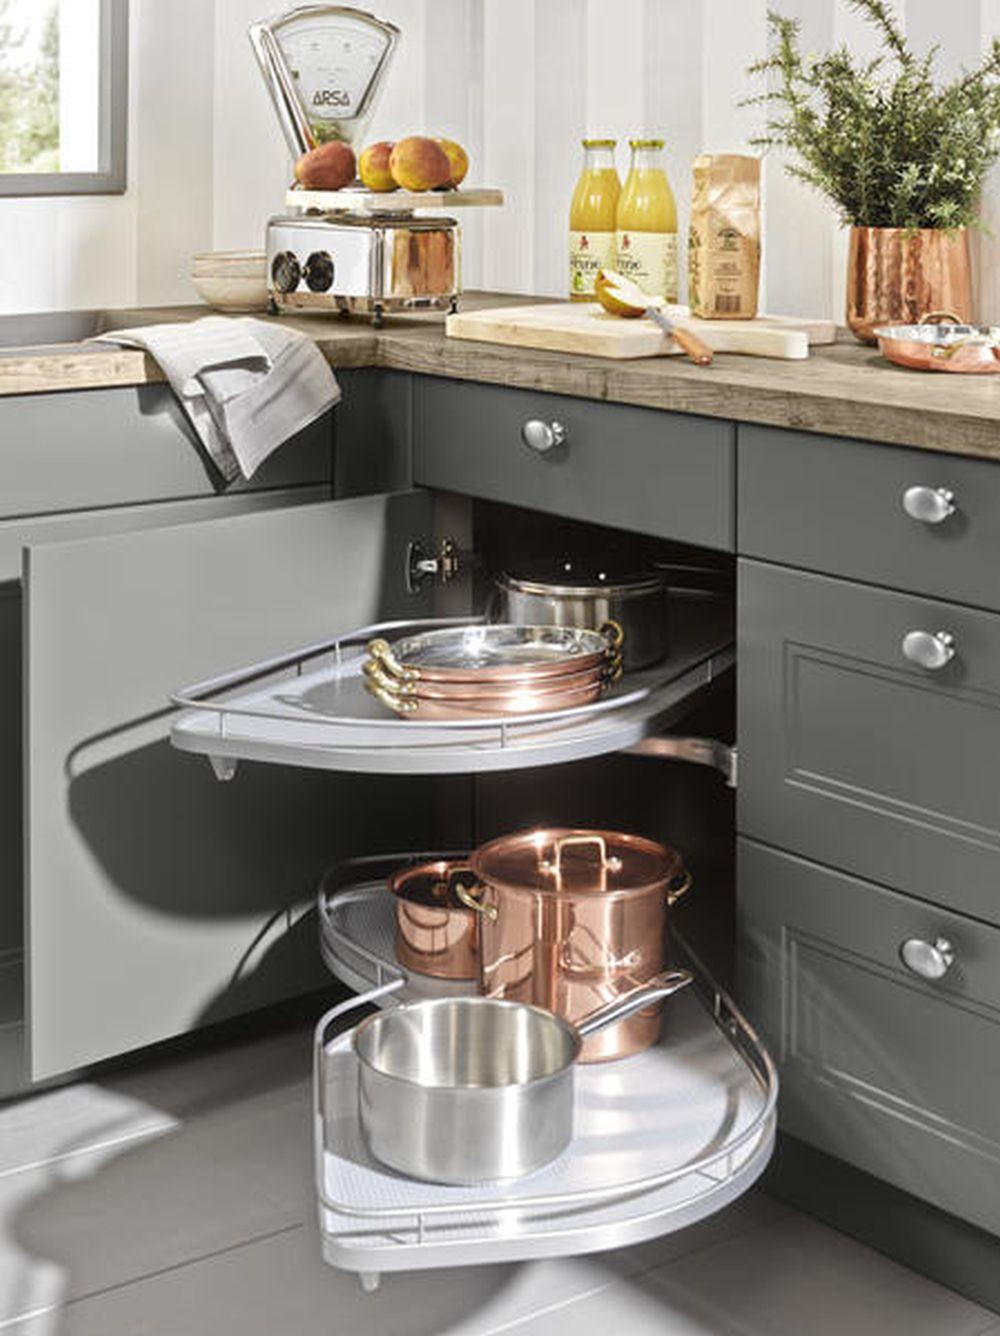 in foto sistem de colt pentru bucatarie Nolte model Windsor de la Kika